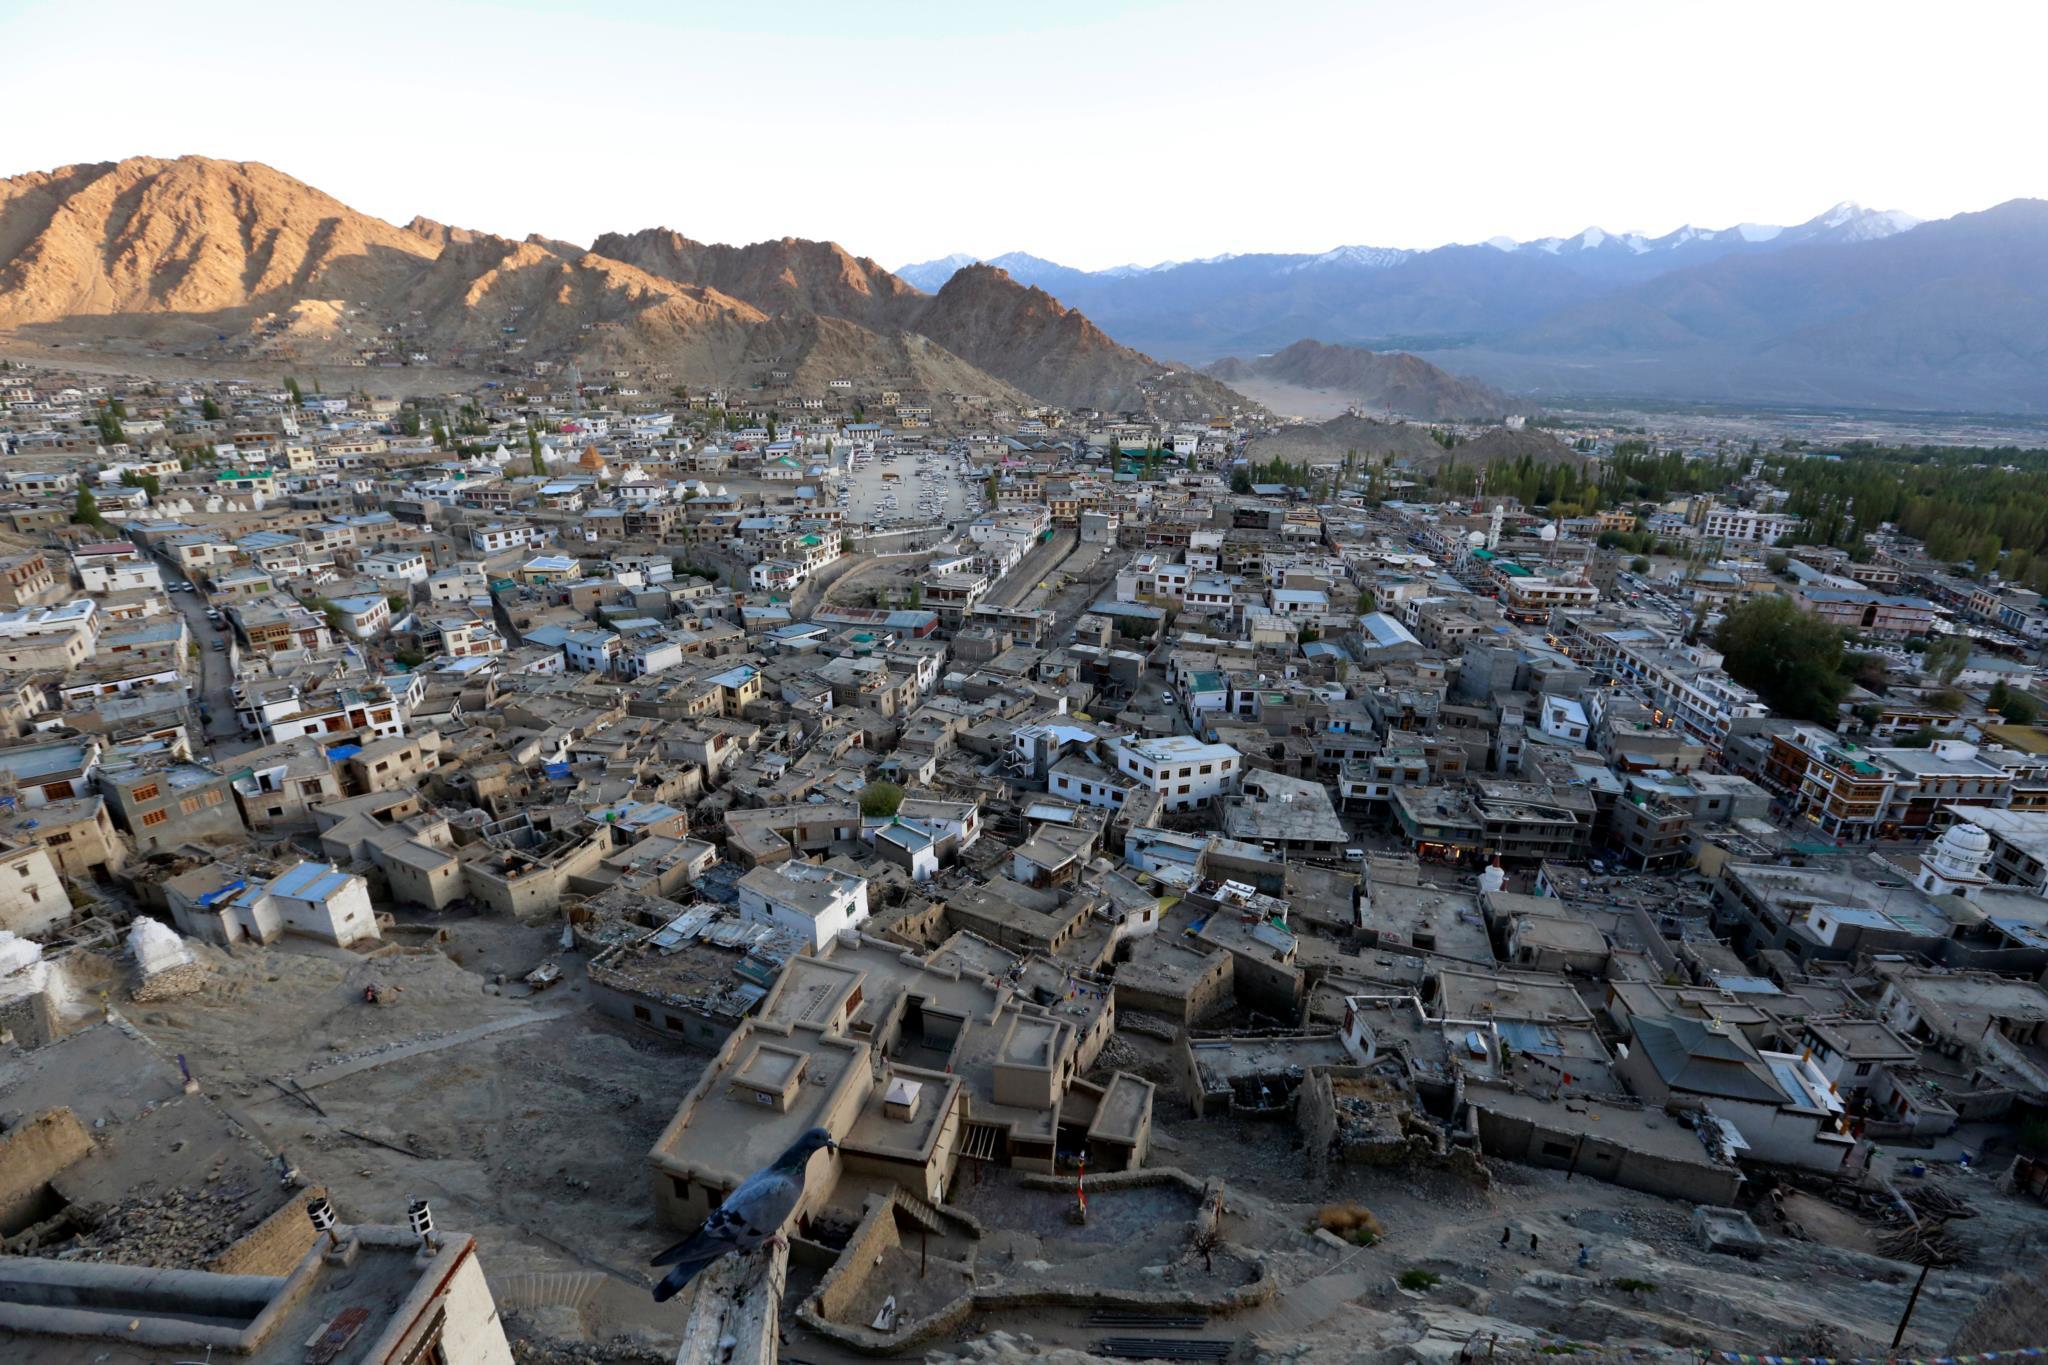 O sol põe-se em Leh, a maior cidade da região de Ladakh, nos Himalaias indianos